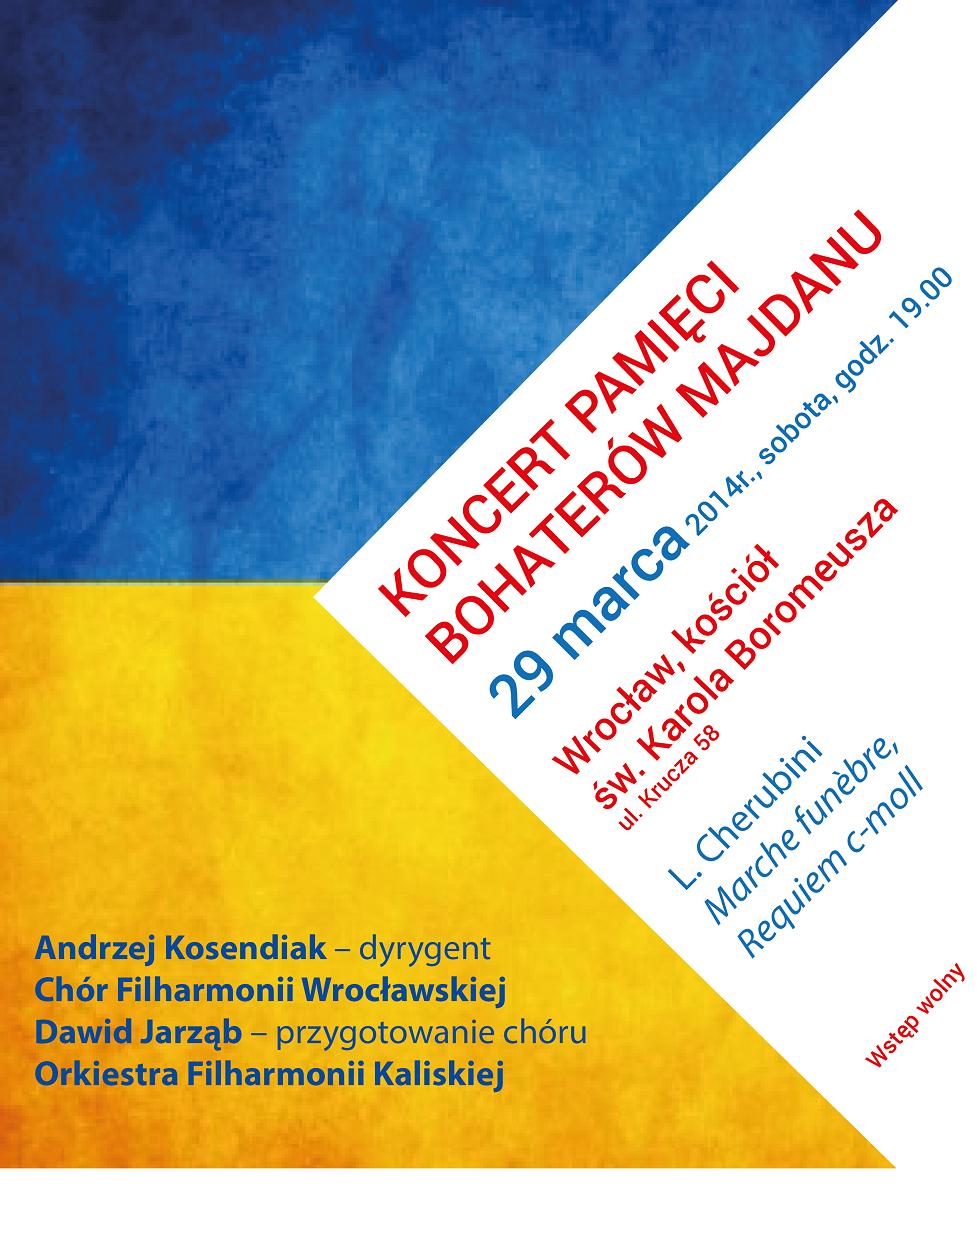 Koncert Pamięci Bohaterów Majdanu (źródła: materiały prasowe organizatora)